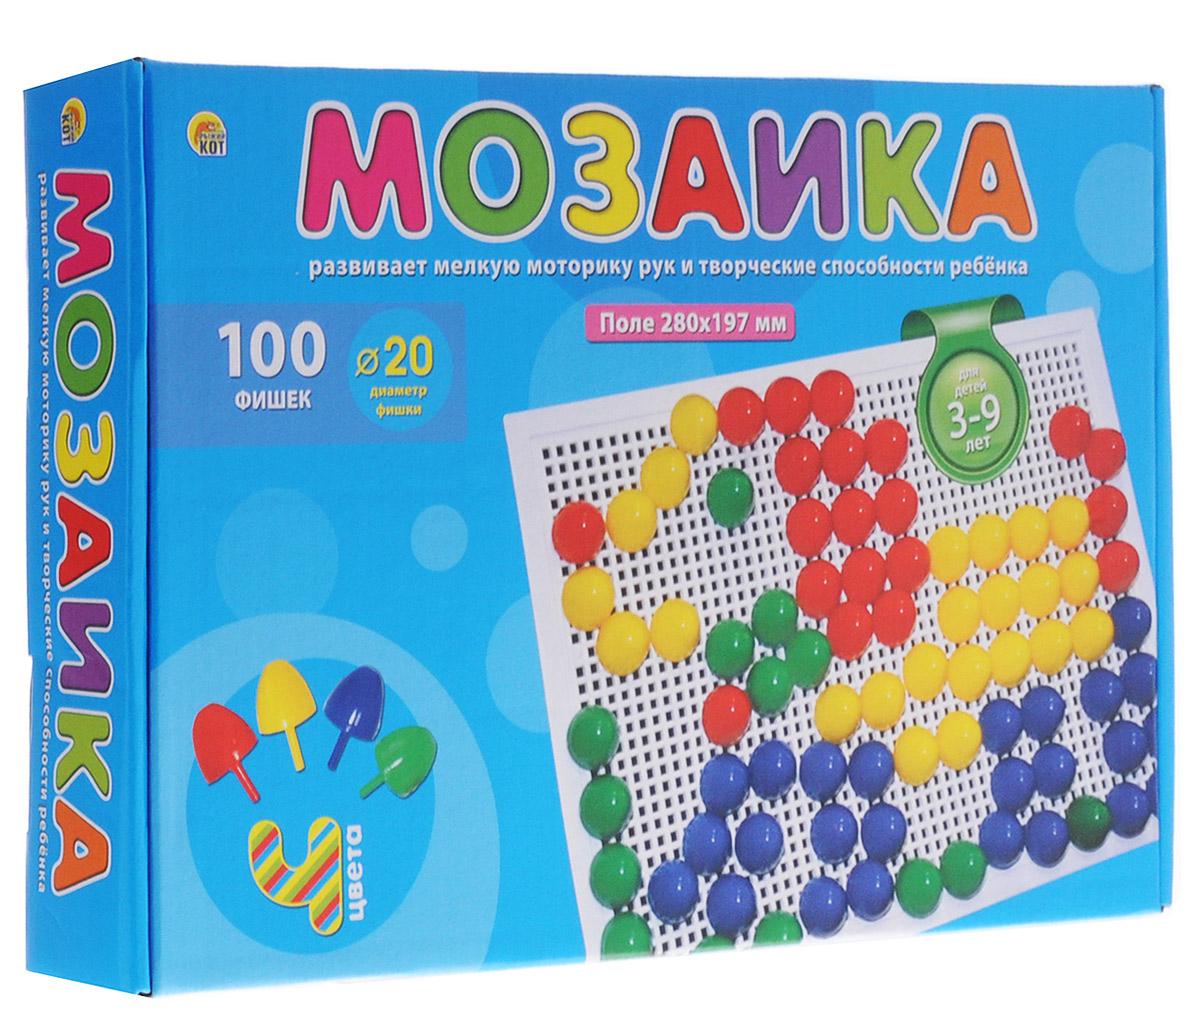 Рыжий Кот Мозаика 100 фишек М-0166М-0166Детская мозаика Рыжий Кот станет замечательной игрушкой для вашего ребенка! Она прекрасно развивает творческое воображение, абстрактное и логическое мышления, внимание, мелкую моторику рук, а также учит различать цвета и оттенки. Мозаика понравится ребенку яркими деталями, хорошим качеством и разными вариантами складывания изображений. Она станет увлекательным и полезным занятием для детей! Для детей от 3 до 9 лет. В набор входят игровое поле и 100 фишек четырех цветов.